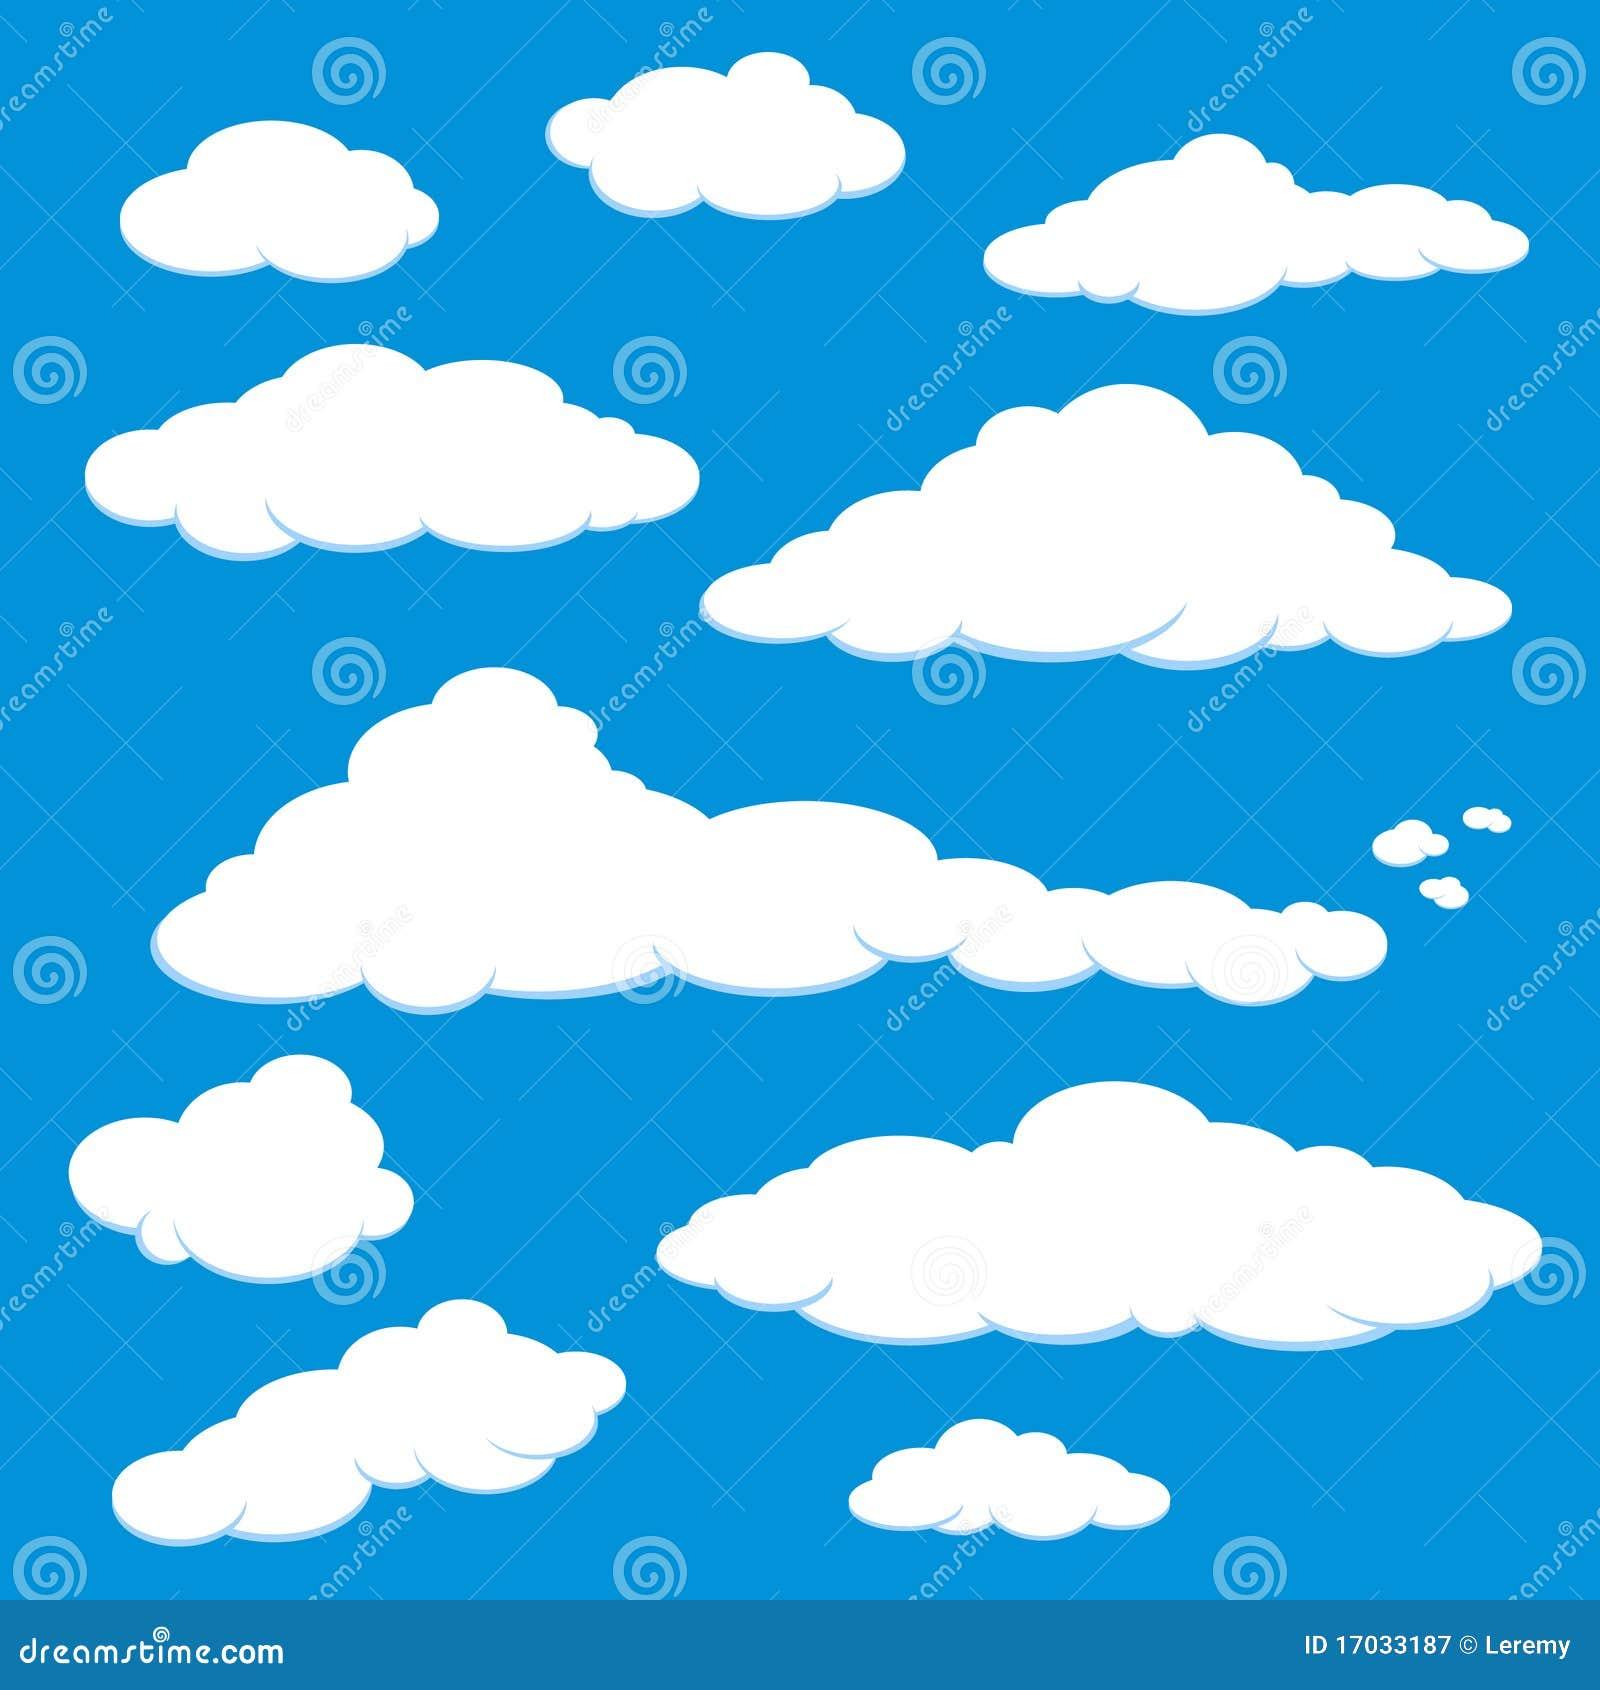 Wolken-blauer Himmel-Vektor